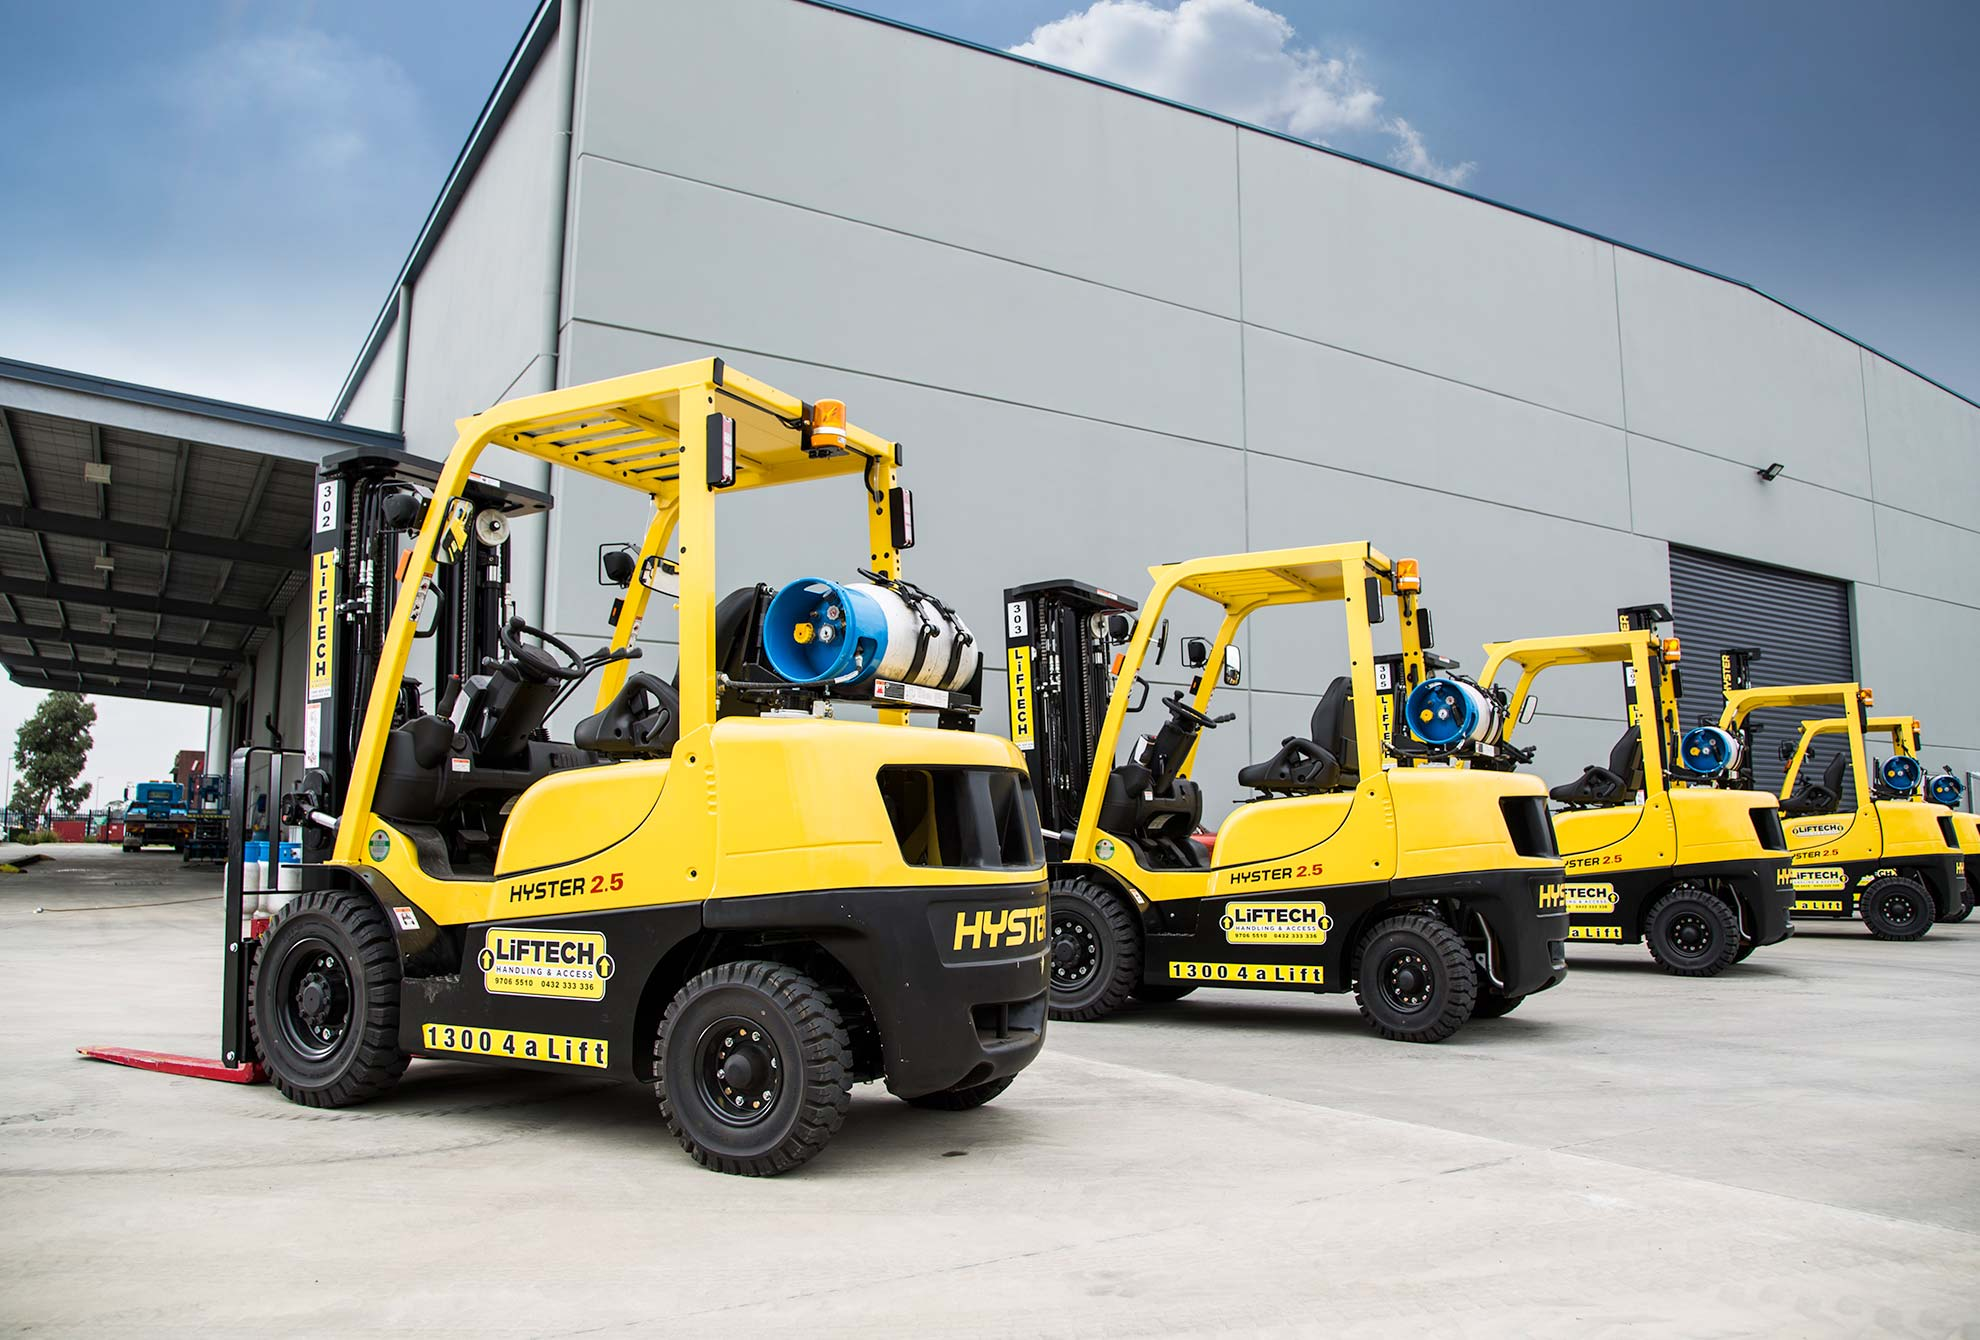 2500 kg 2.5 un-load container